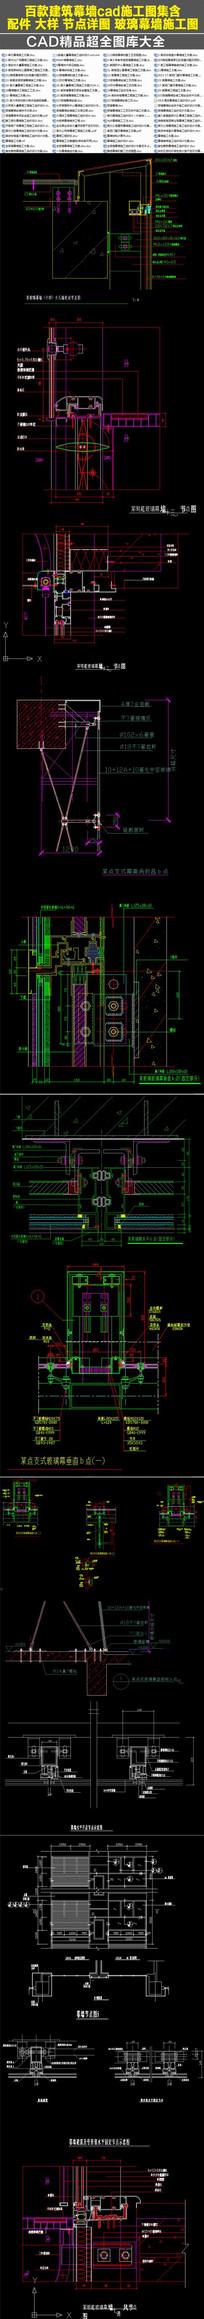 建筑幕墙cad施工图集含配件大样节点详图